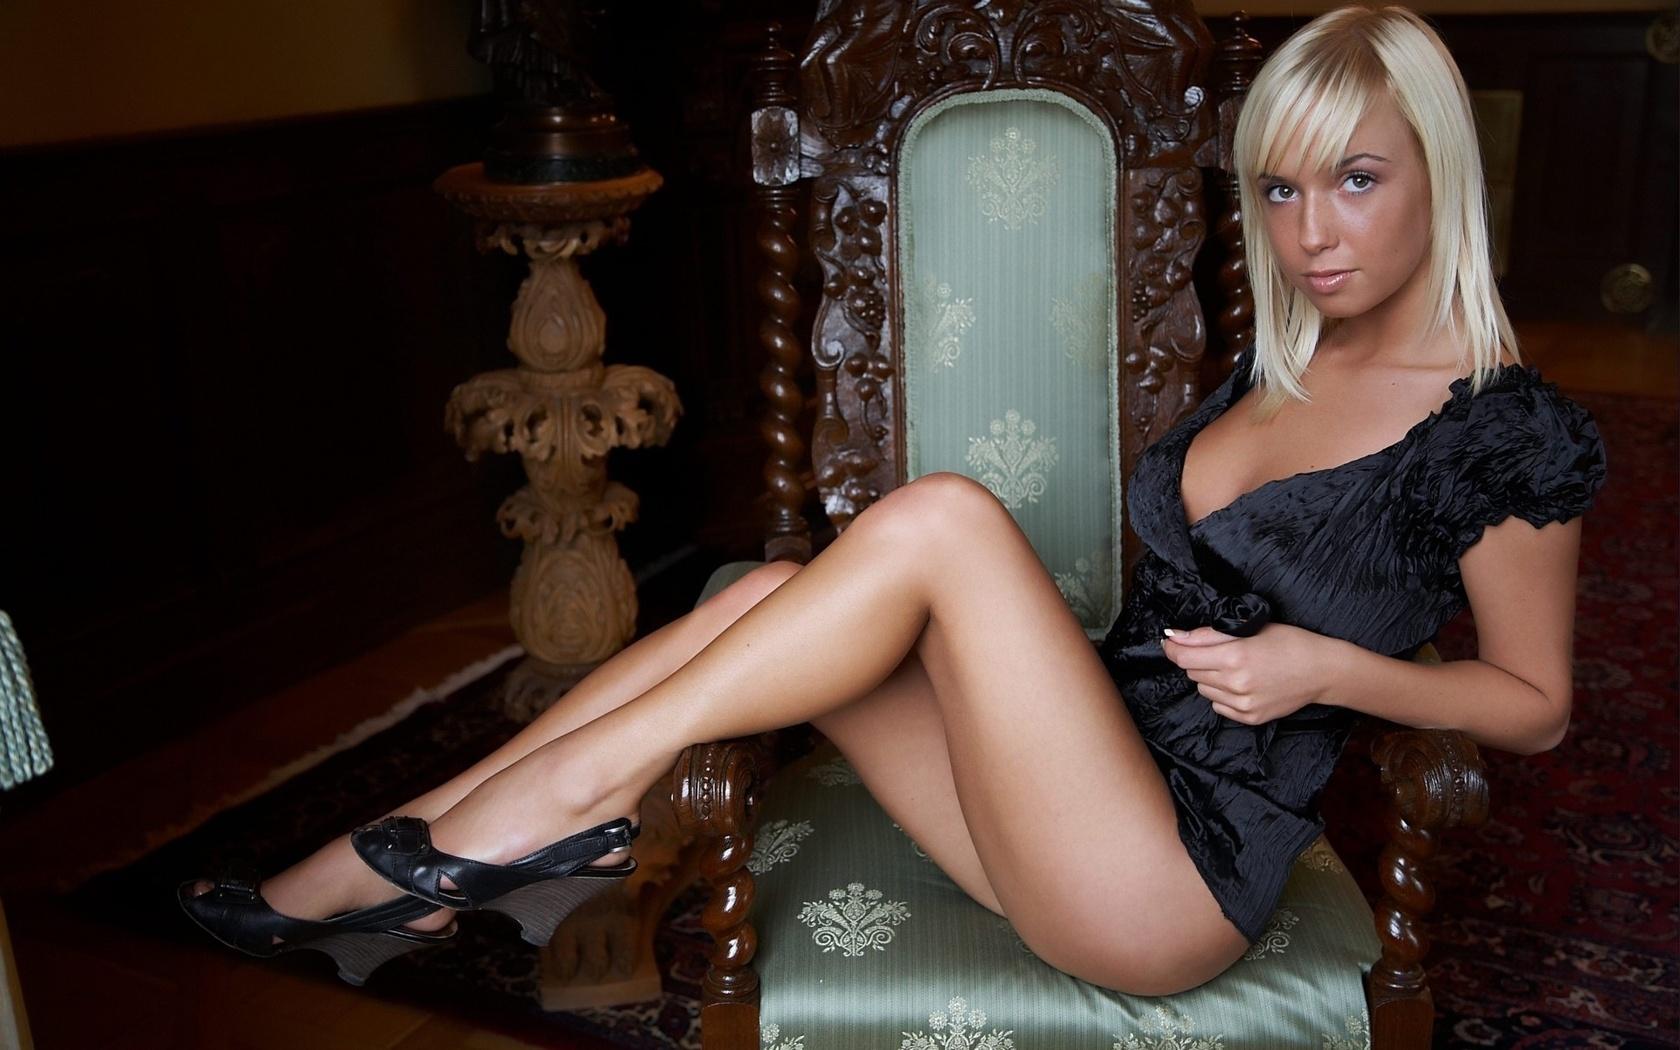 Шлюхи по вызову в находке, Недорогие проститутки Находки 3 фотография